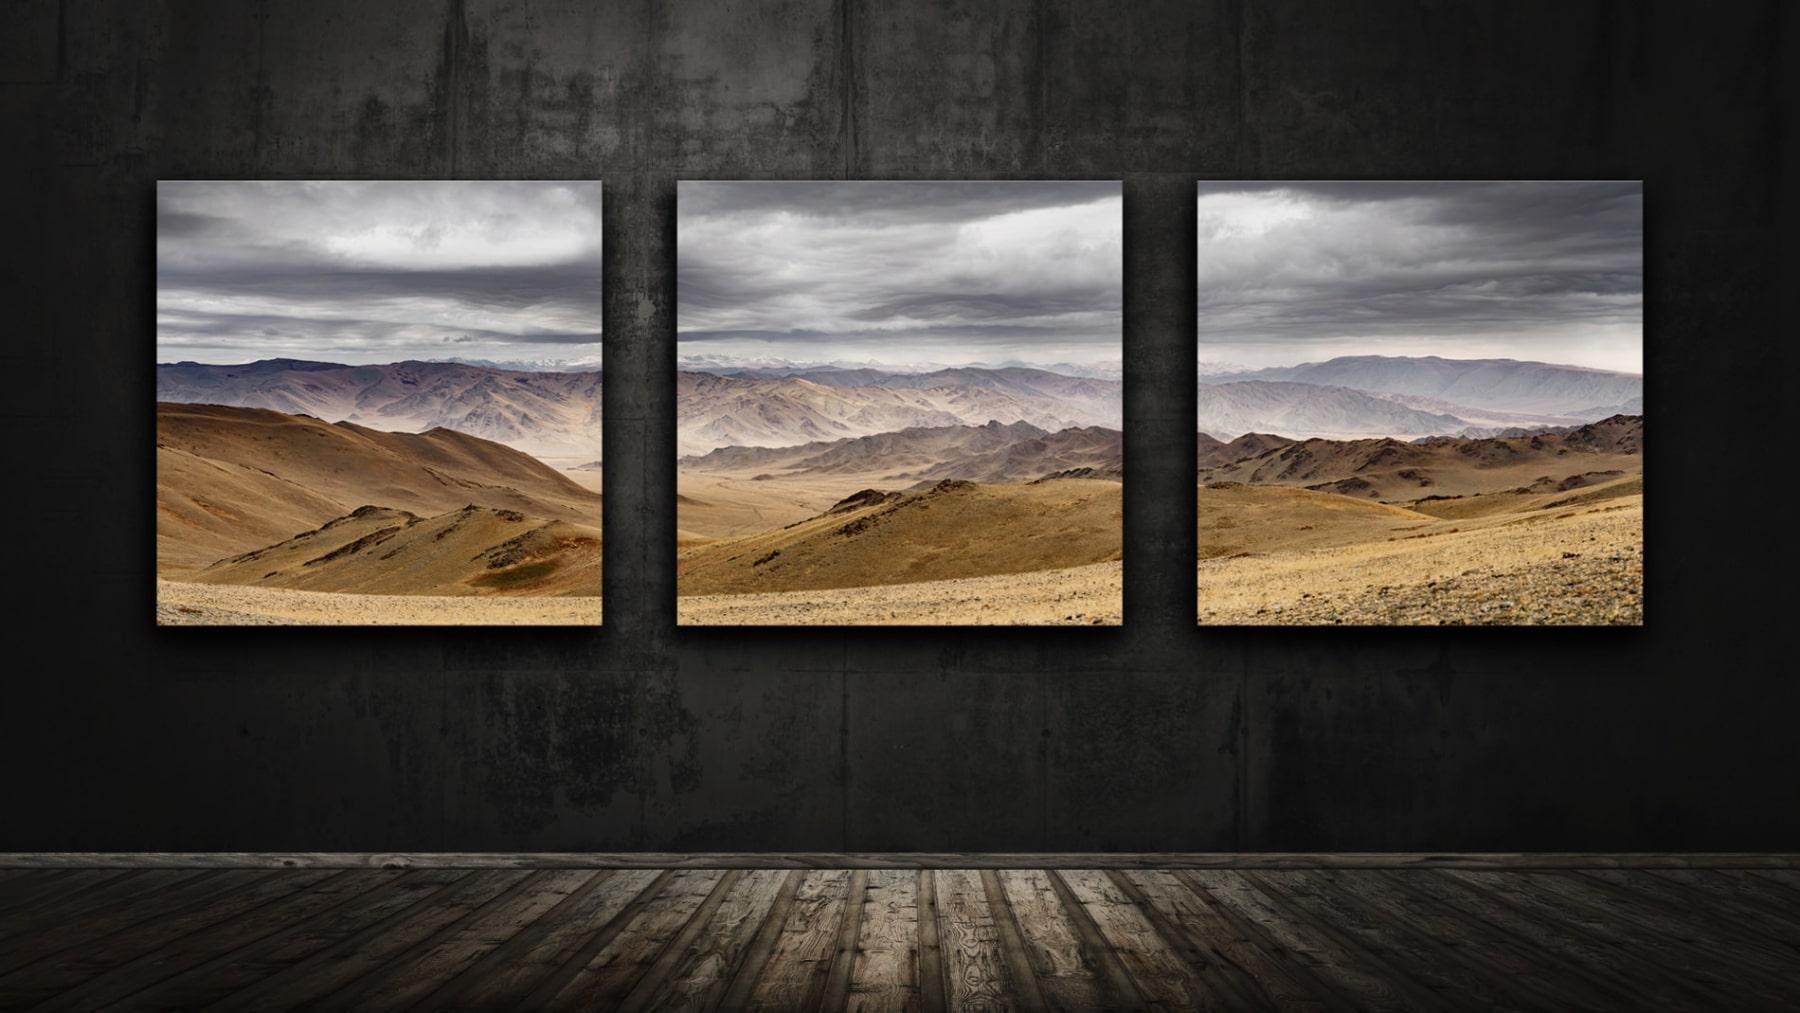 Mongolei - Altai Gebirge - Black Valley - das Land der Adlerjäger / The Land of the Kazakh Eagle Hunter